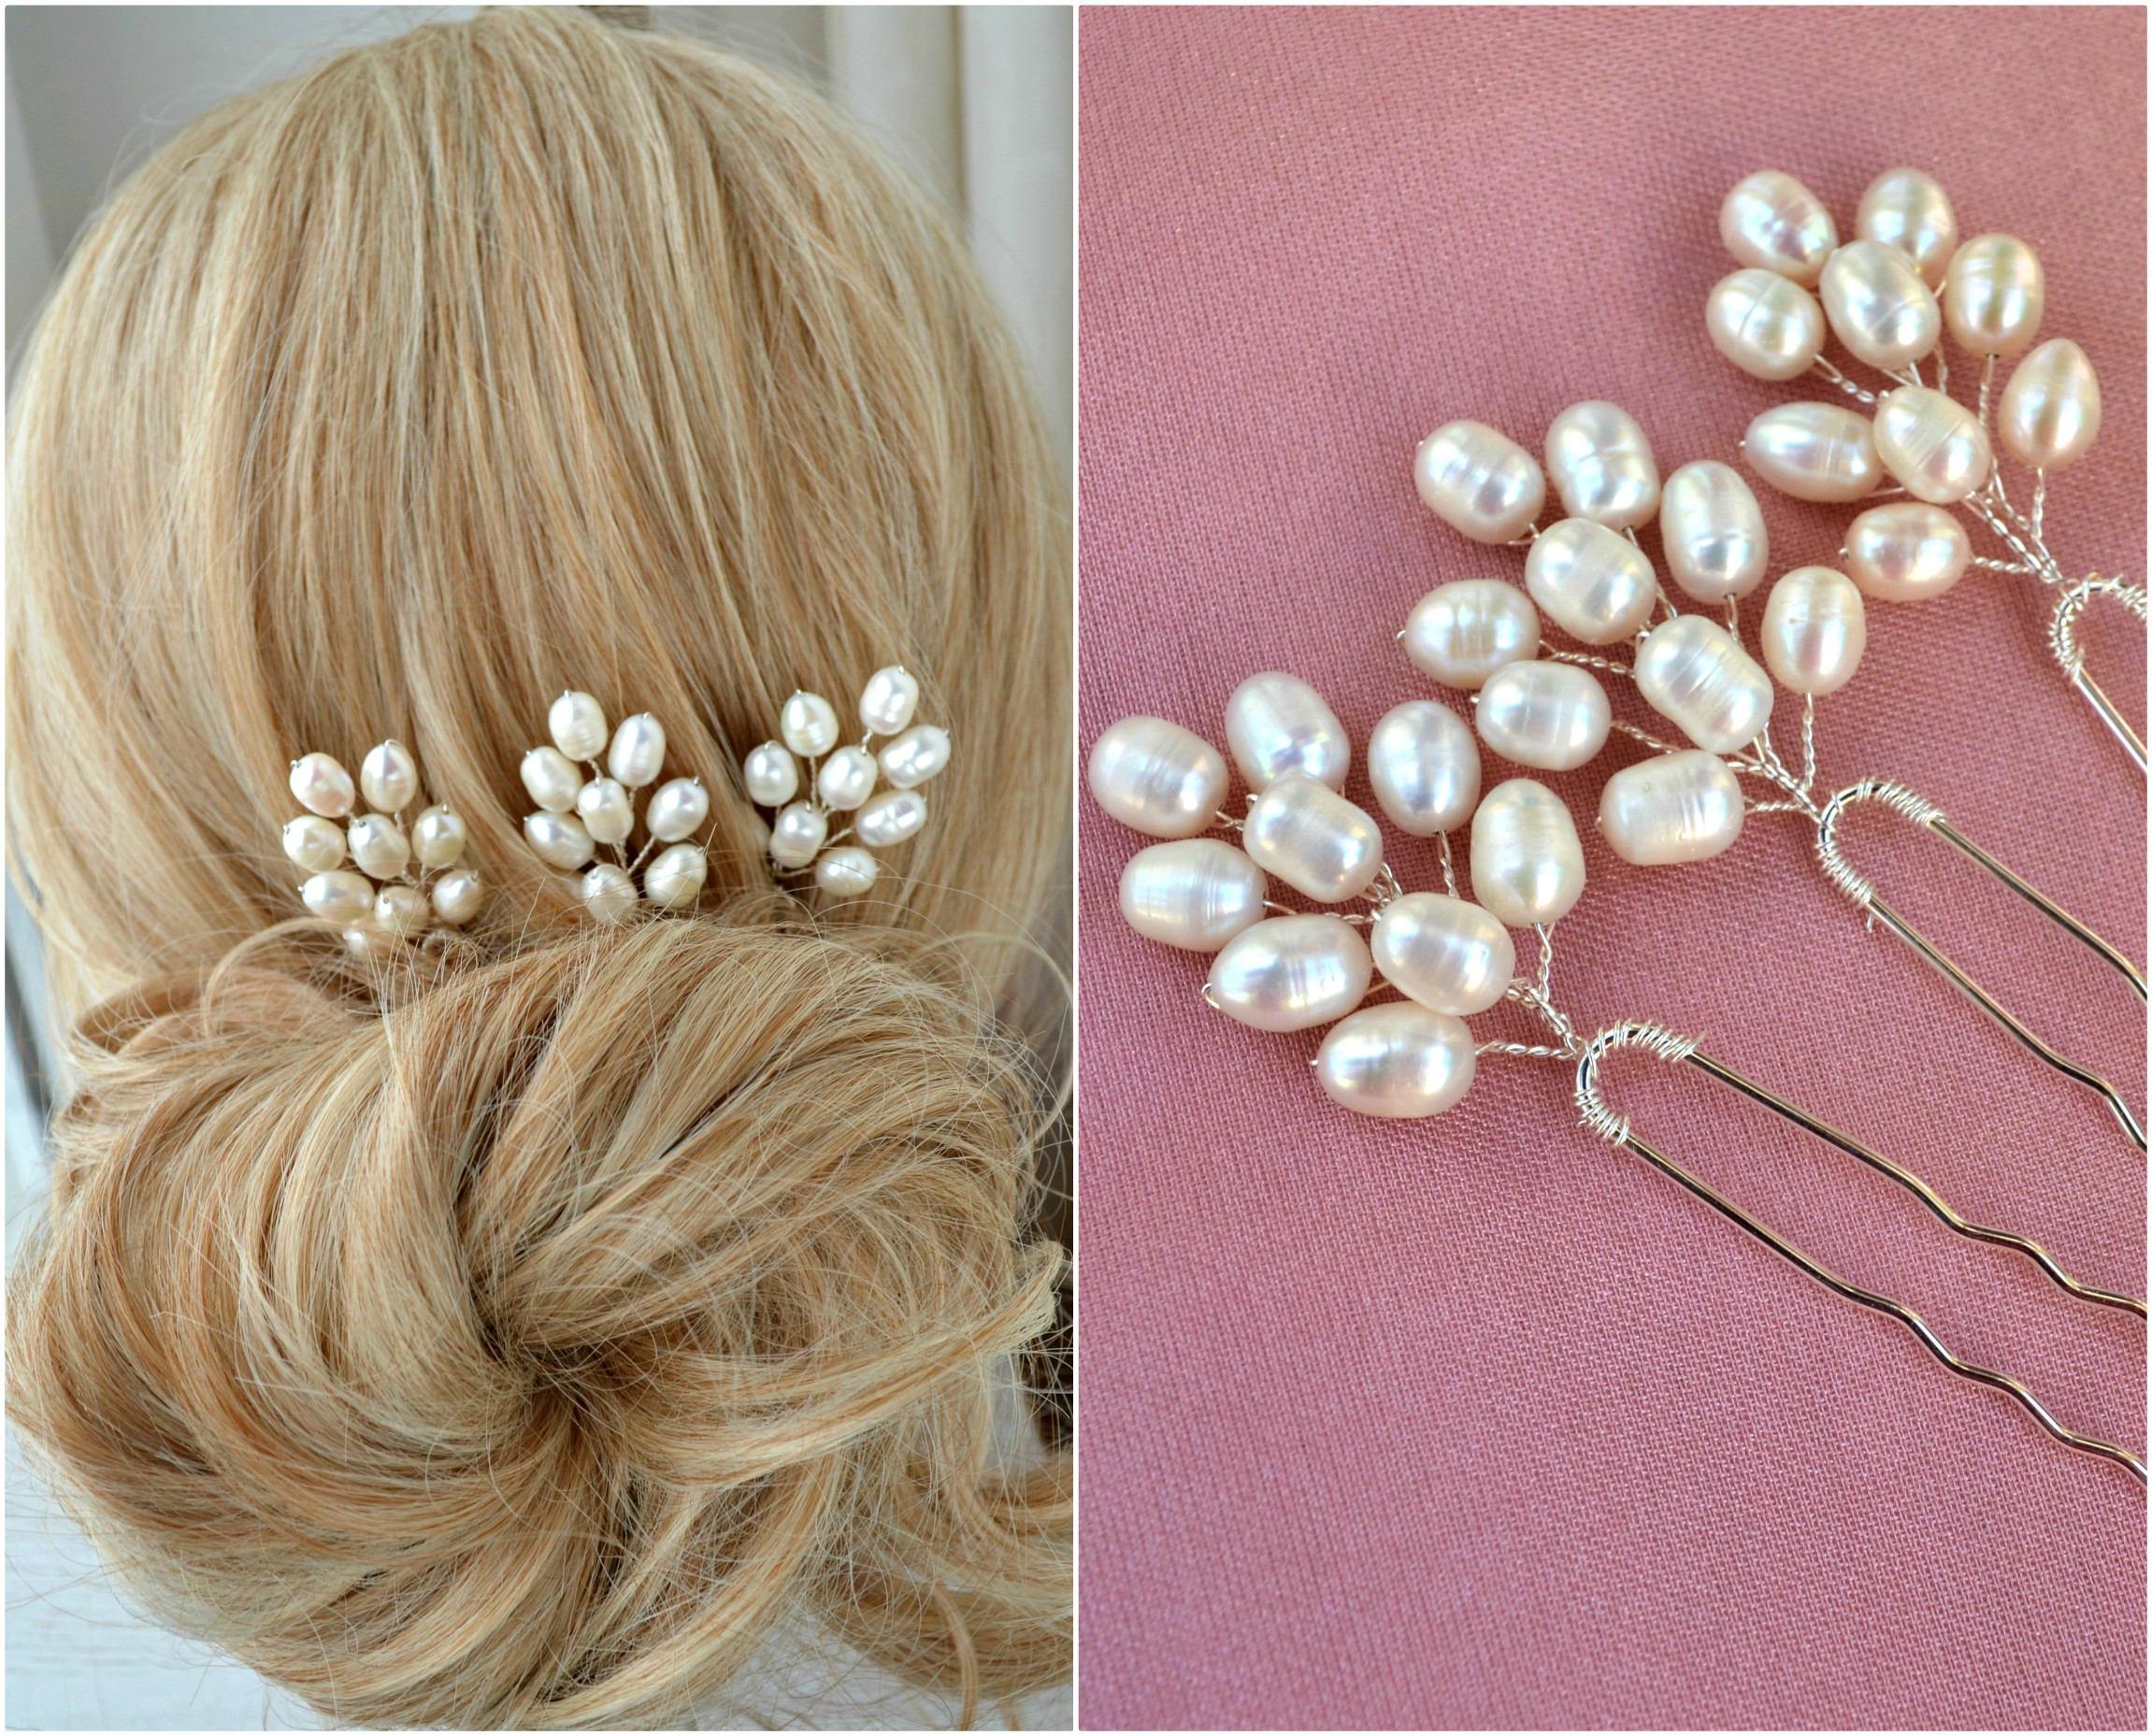 mariage pins set de 3 bridal cheveux accessoires cheveux perle etsy. Black Bedroom Furniture Sets. Home Design Ideas